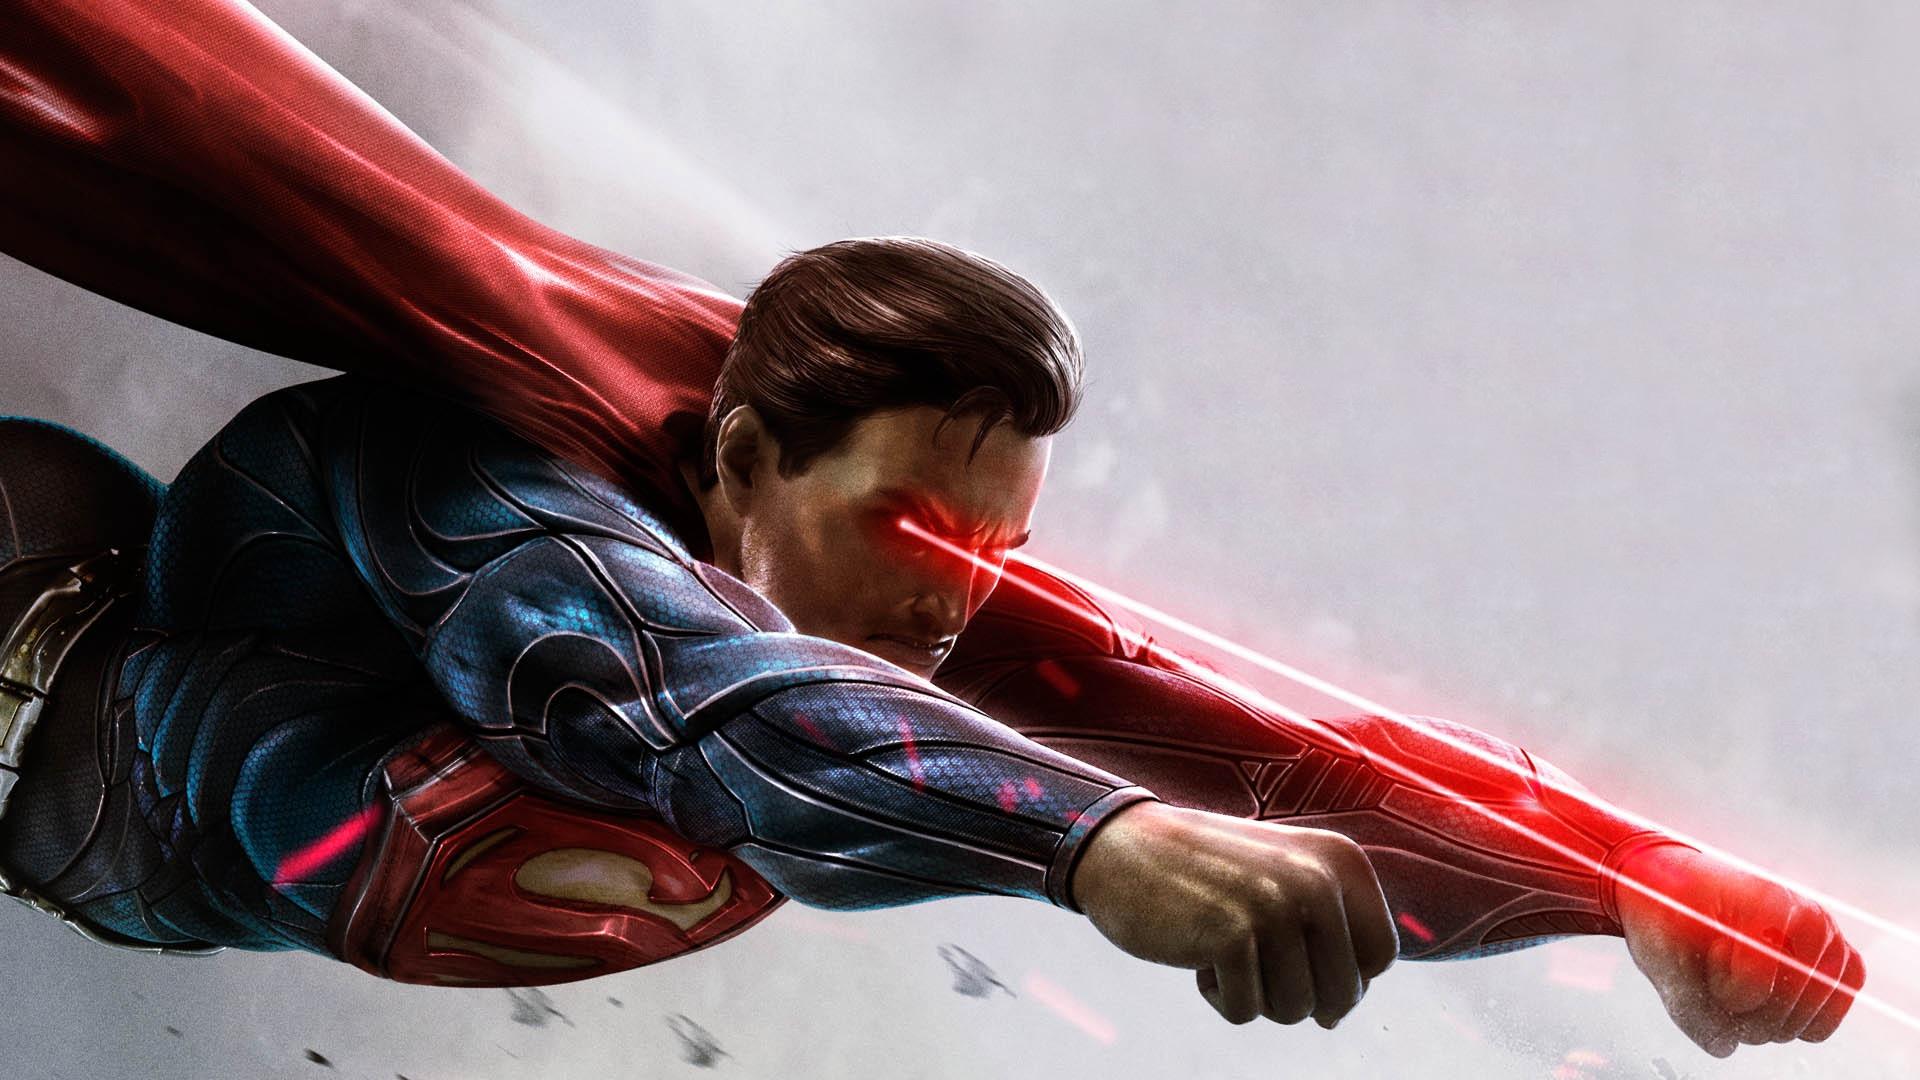 Произведение искусства супермена обои скачать